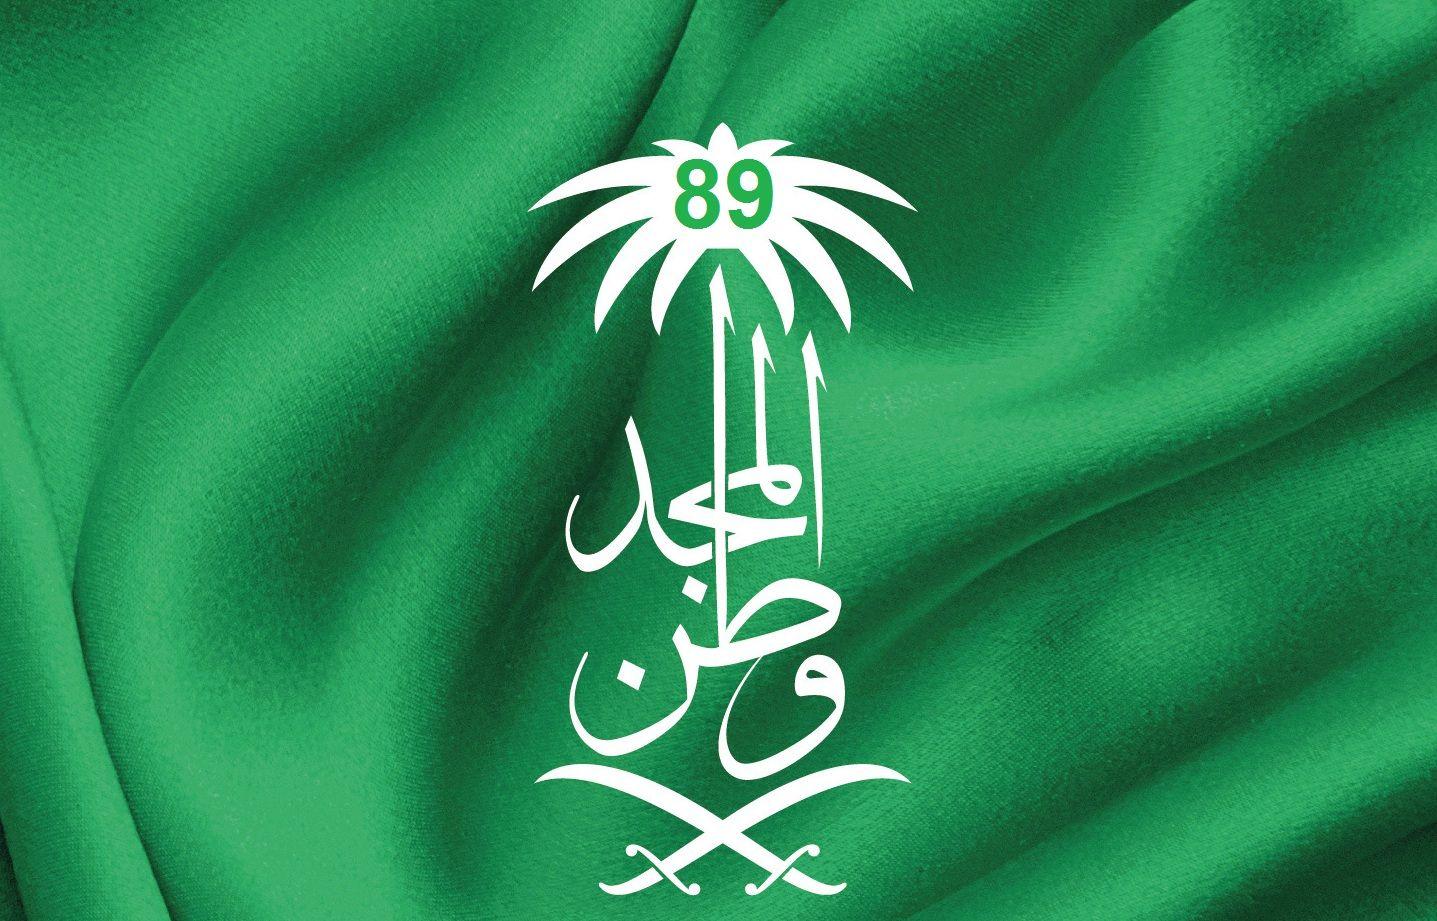 صور اليوم الوطني السعودي 1442 خلفيات تهنئة اليوم الوطني للمملكة العربية السعودية 90 Doodle Quotes Gift Box Template Cover Photo Quotes